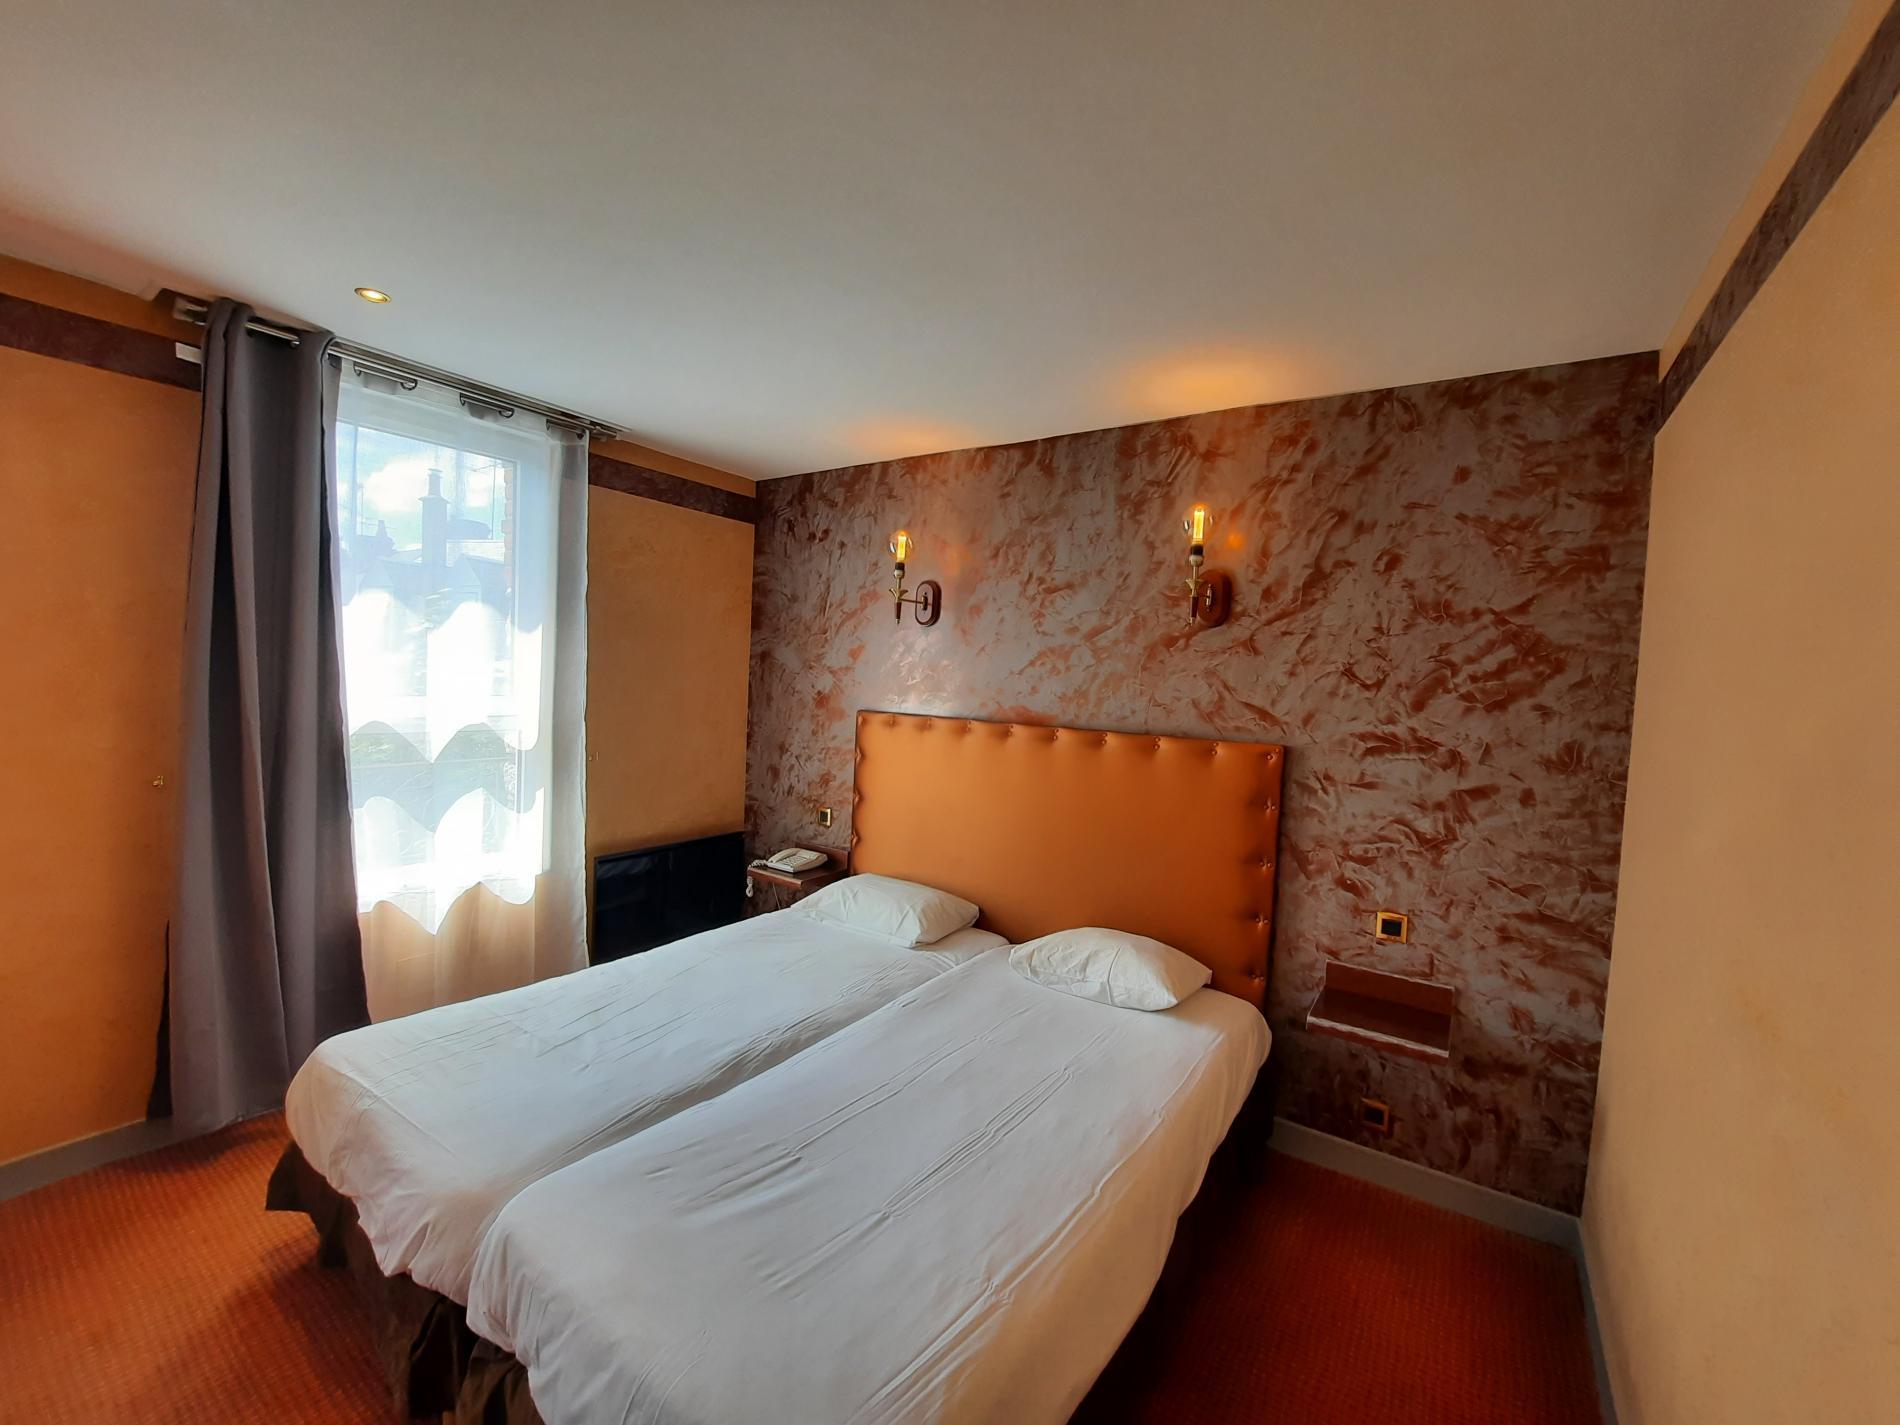 Hotel à 1 km du château de Blois